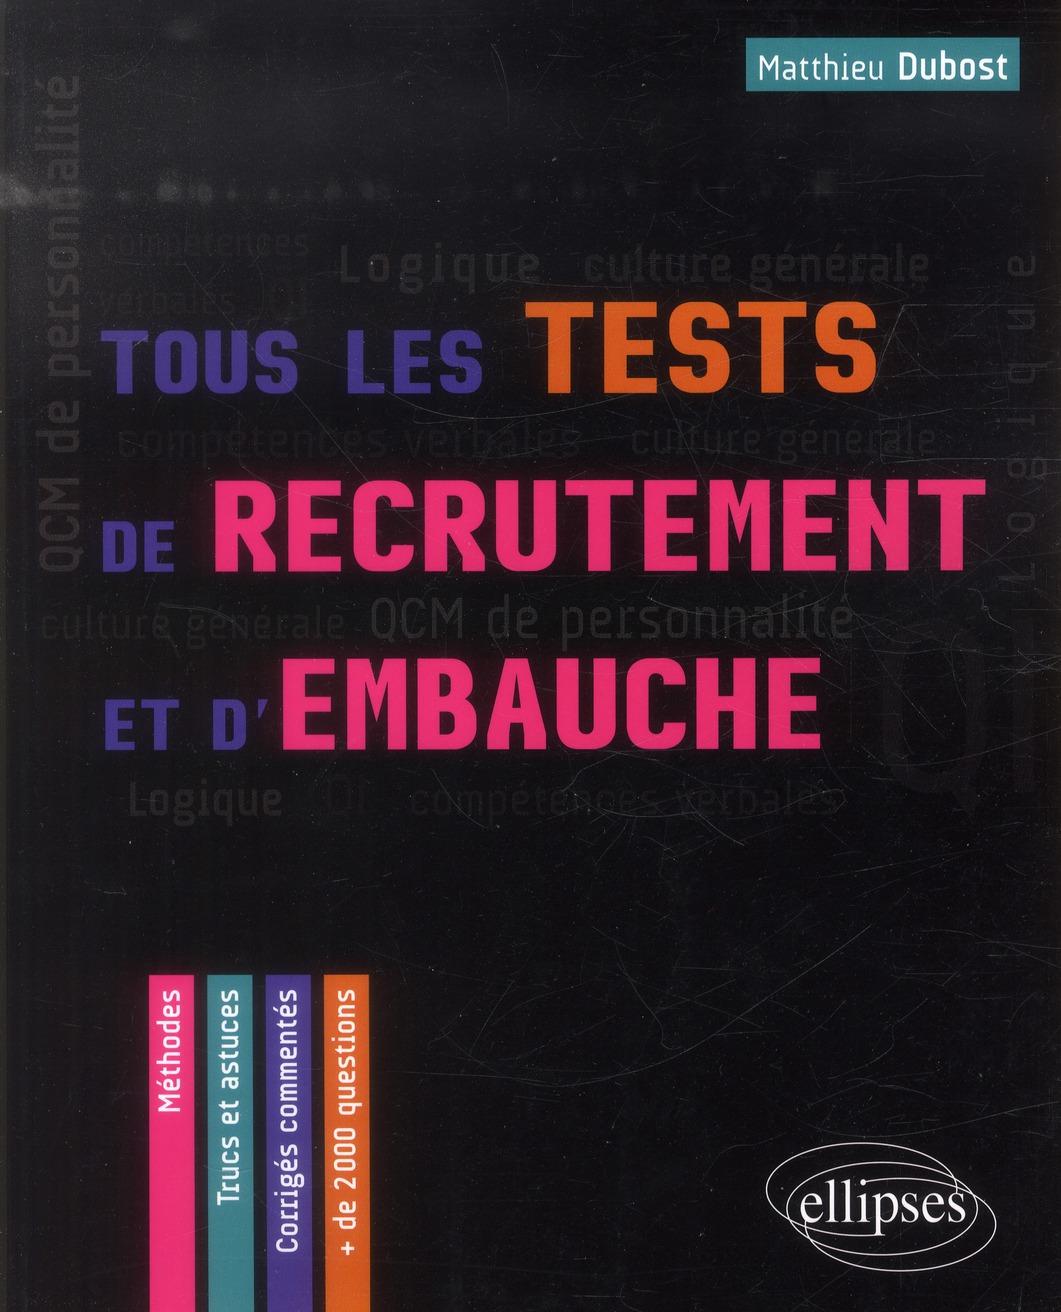 Tous Les Tests De Recrutement Et D'Embauche Qcm De Personnalite Competences Verbales Qi Logique